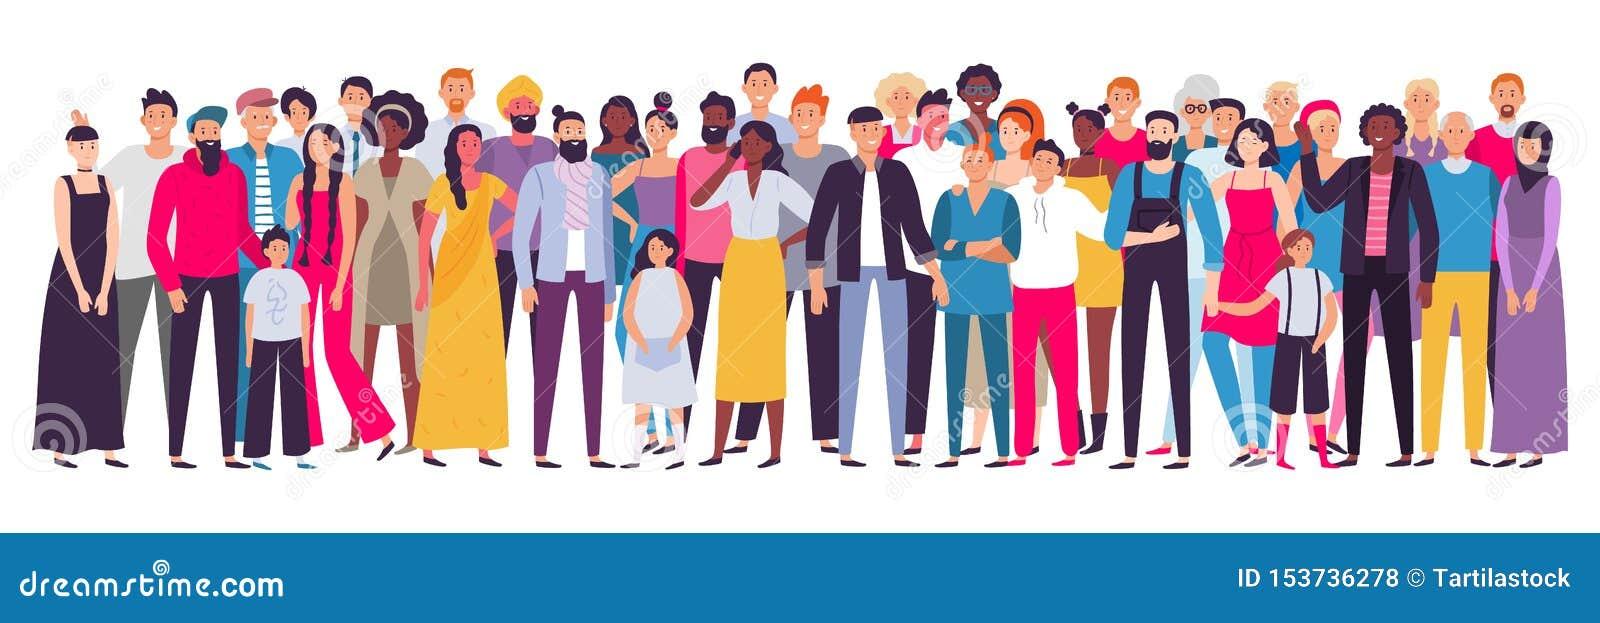 Multi-etnische Groep Mensen De maatschappij, multicultureel communautair portret en burgers Jonge, volwassen en oudere mensen